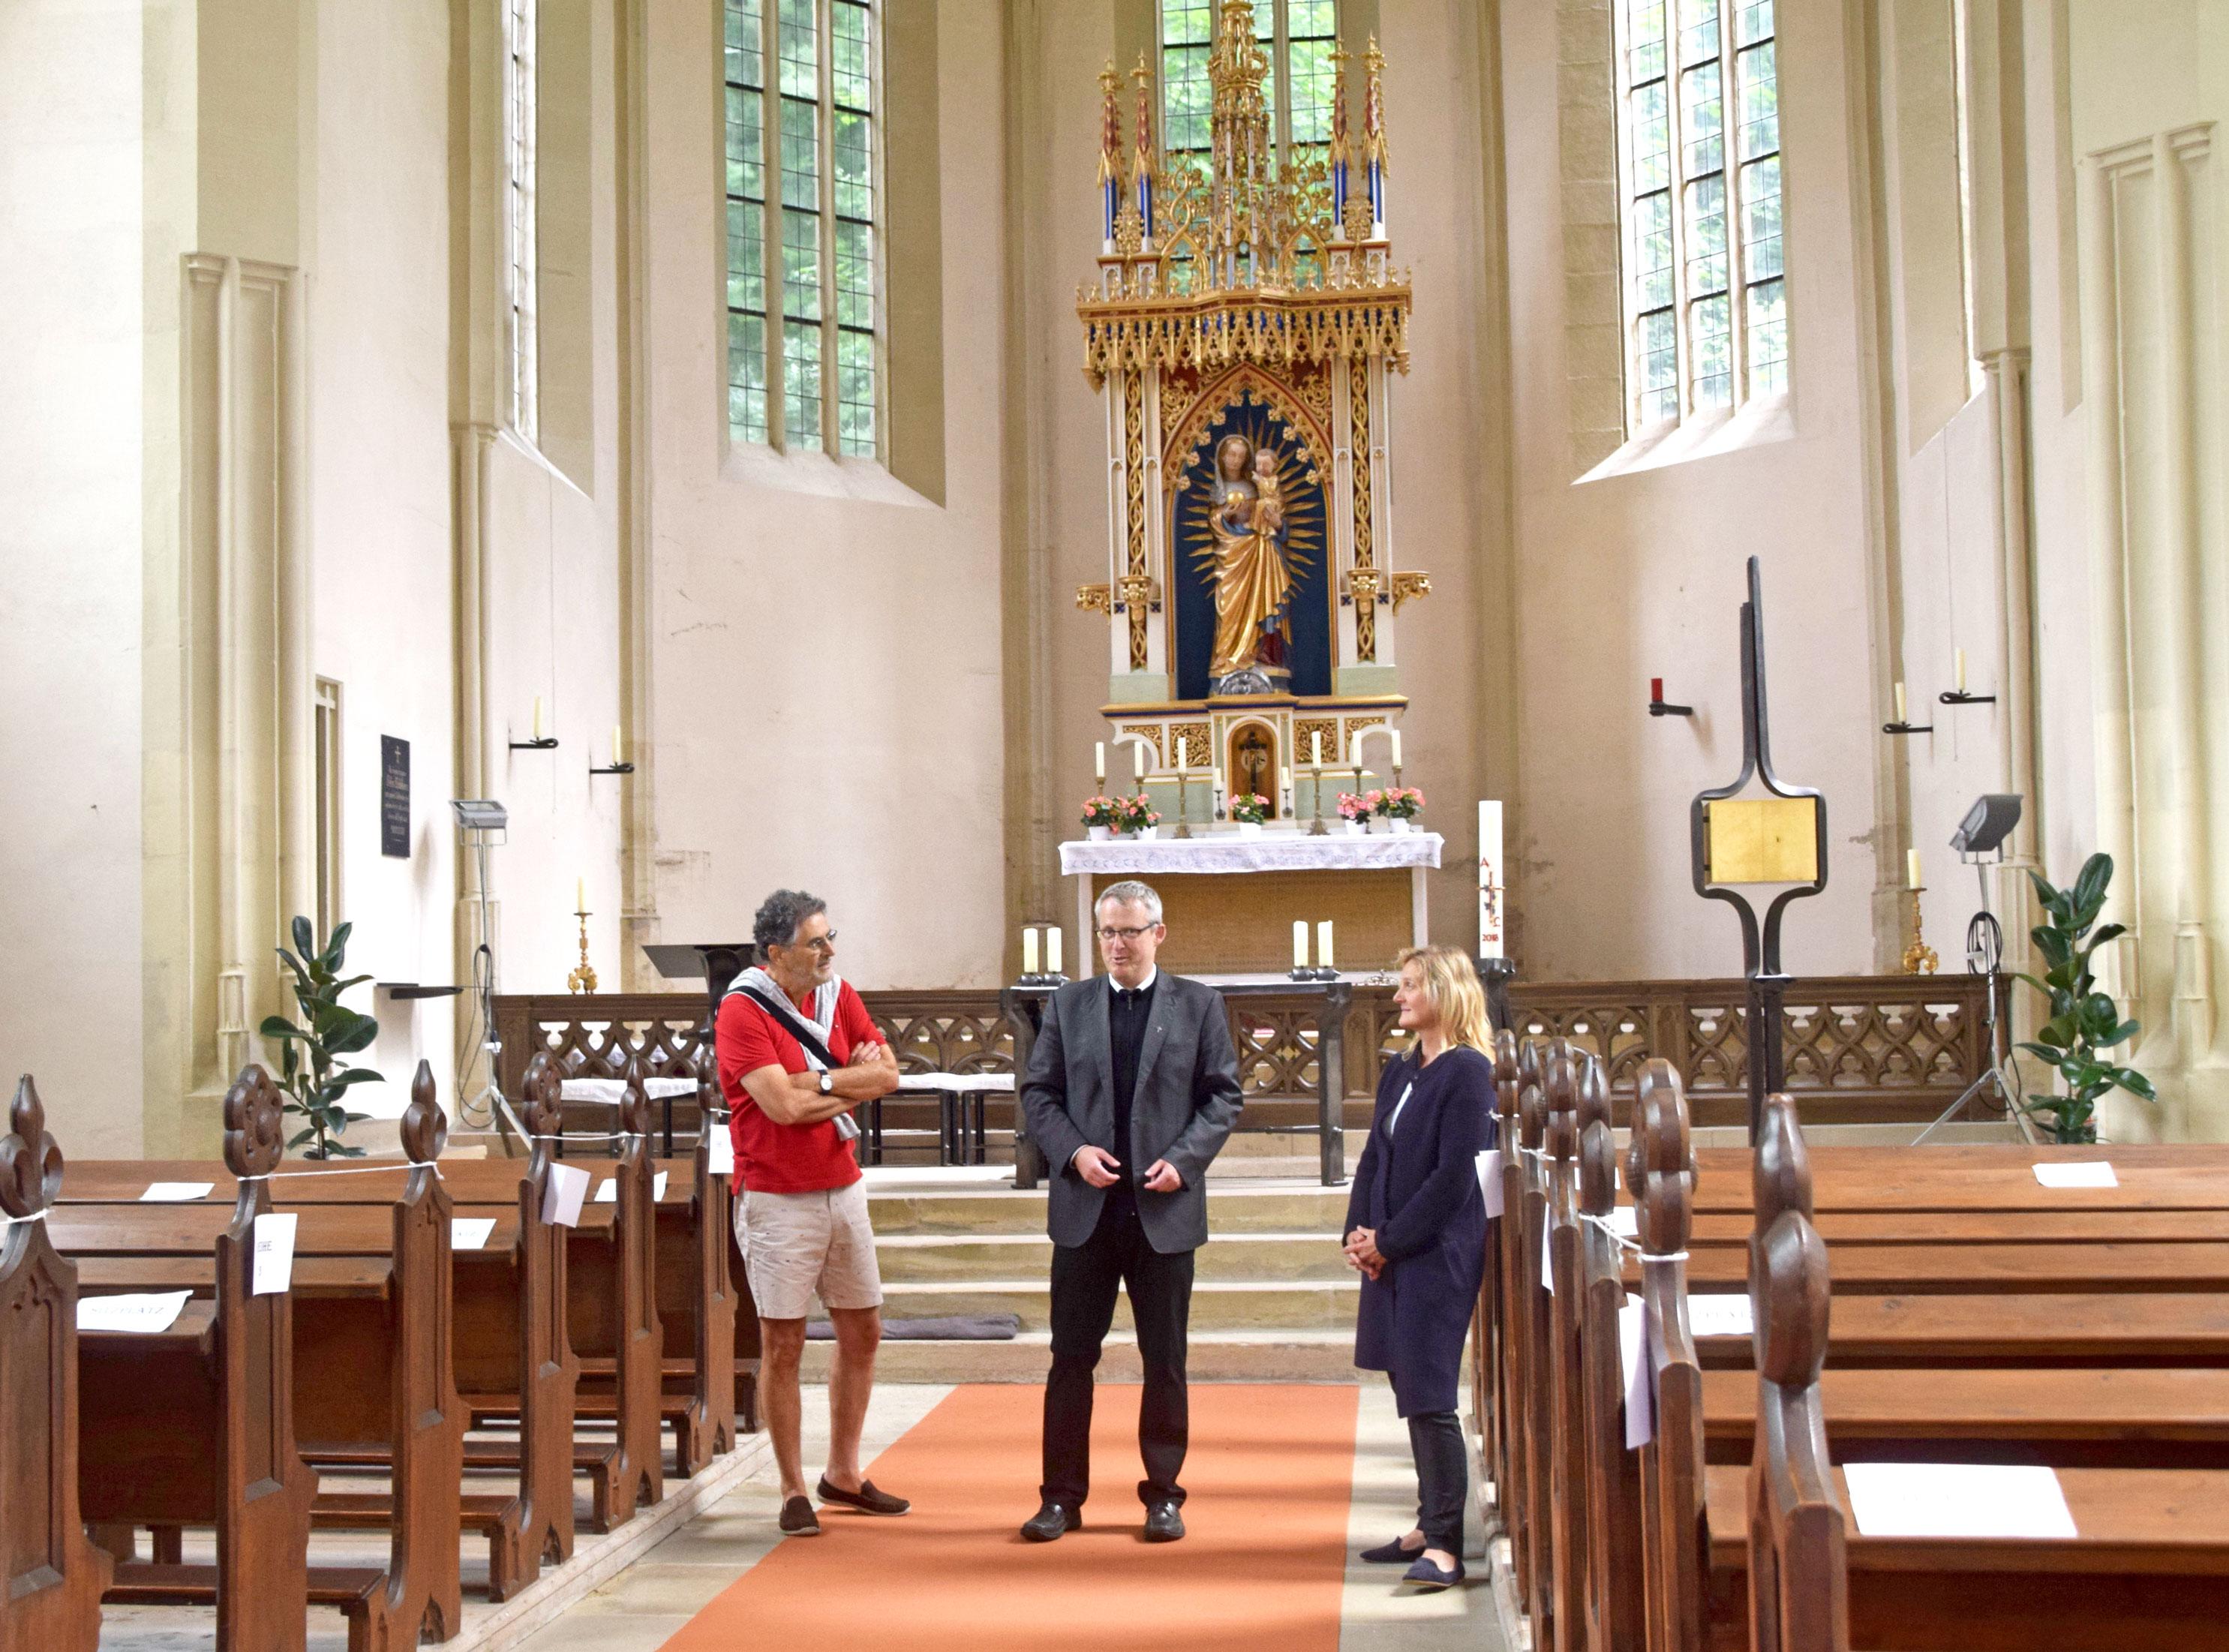 """Pfarrer Harald Sassik (Mitte) und Silvia Stark, eine von acht ehrenamtlichen Helfern, begrüßen am Sonntagnachmittag die Besucher in der Kirche """"Unsere liebe Frau von Kobolzell"""". Foto: am"""